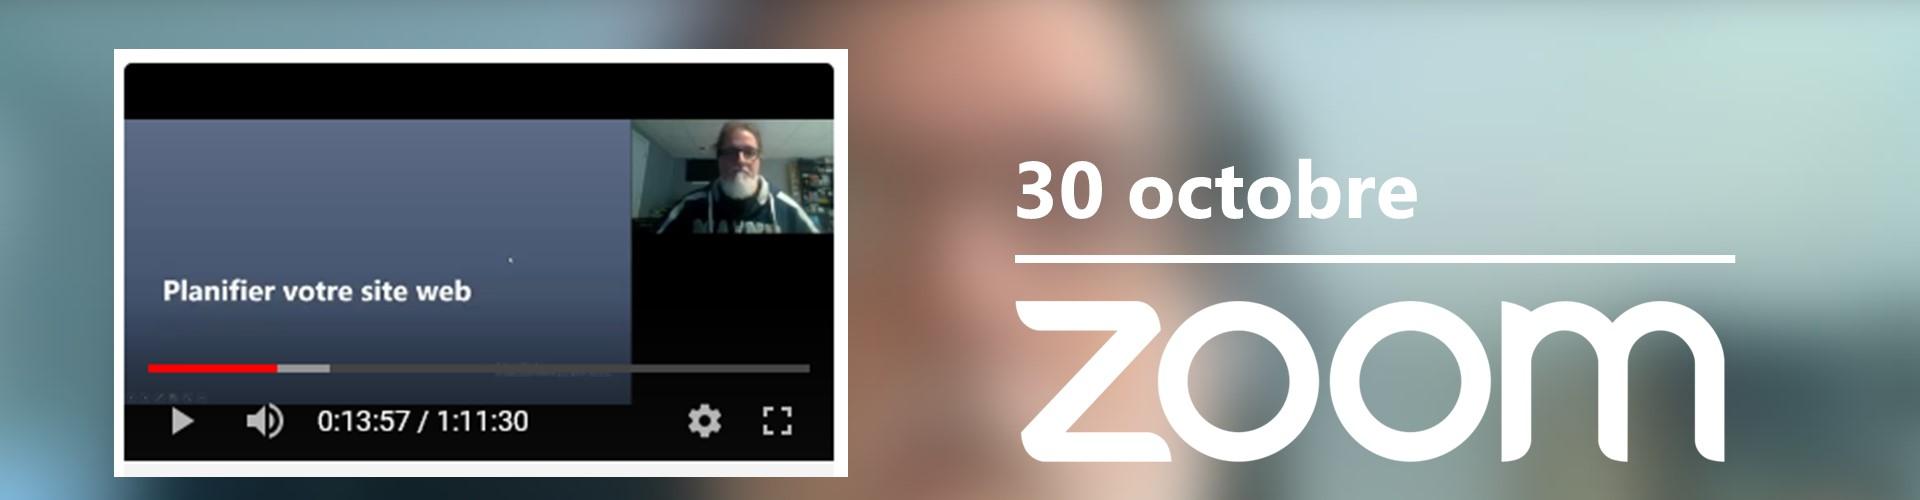 Rencontre du 30 octobre sur Zoom